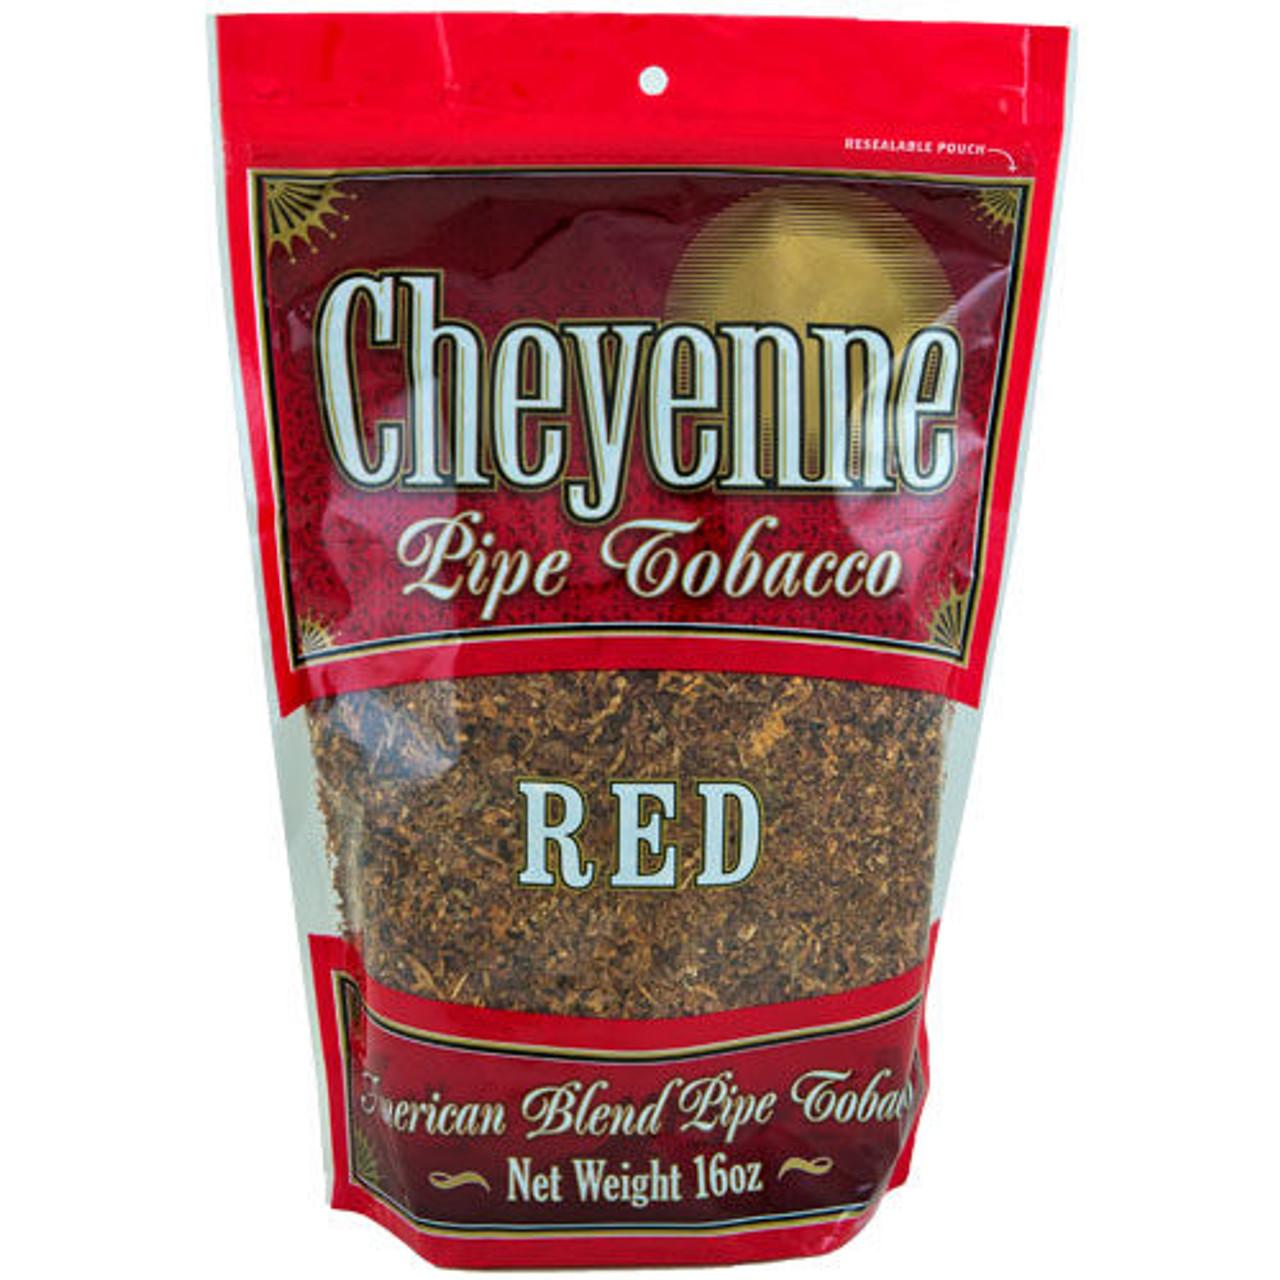 Cheyenne Fine-Cut Tobacco Red | 16 Oz. Bag